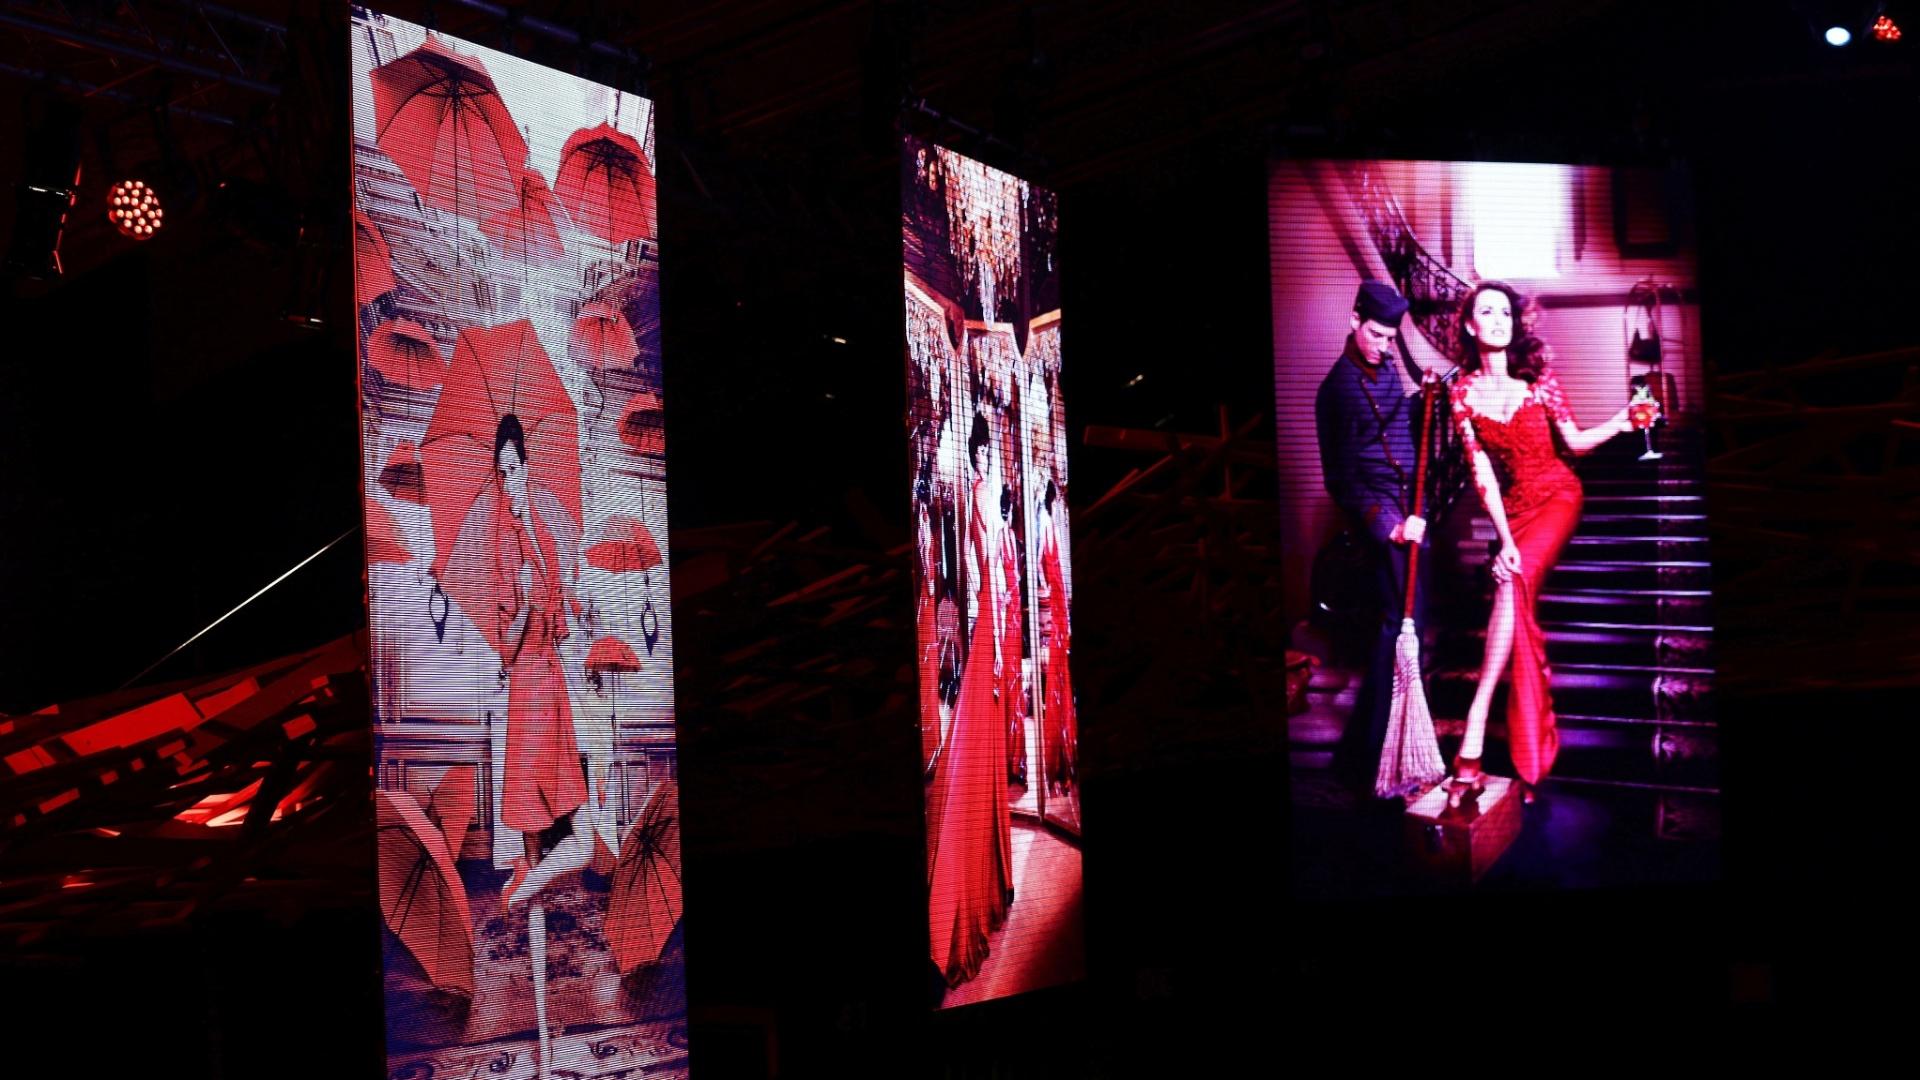 Fotos do calendário foram exibidas em festa de lançamento em Milão, na Itália (13/11/2012)